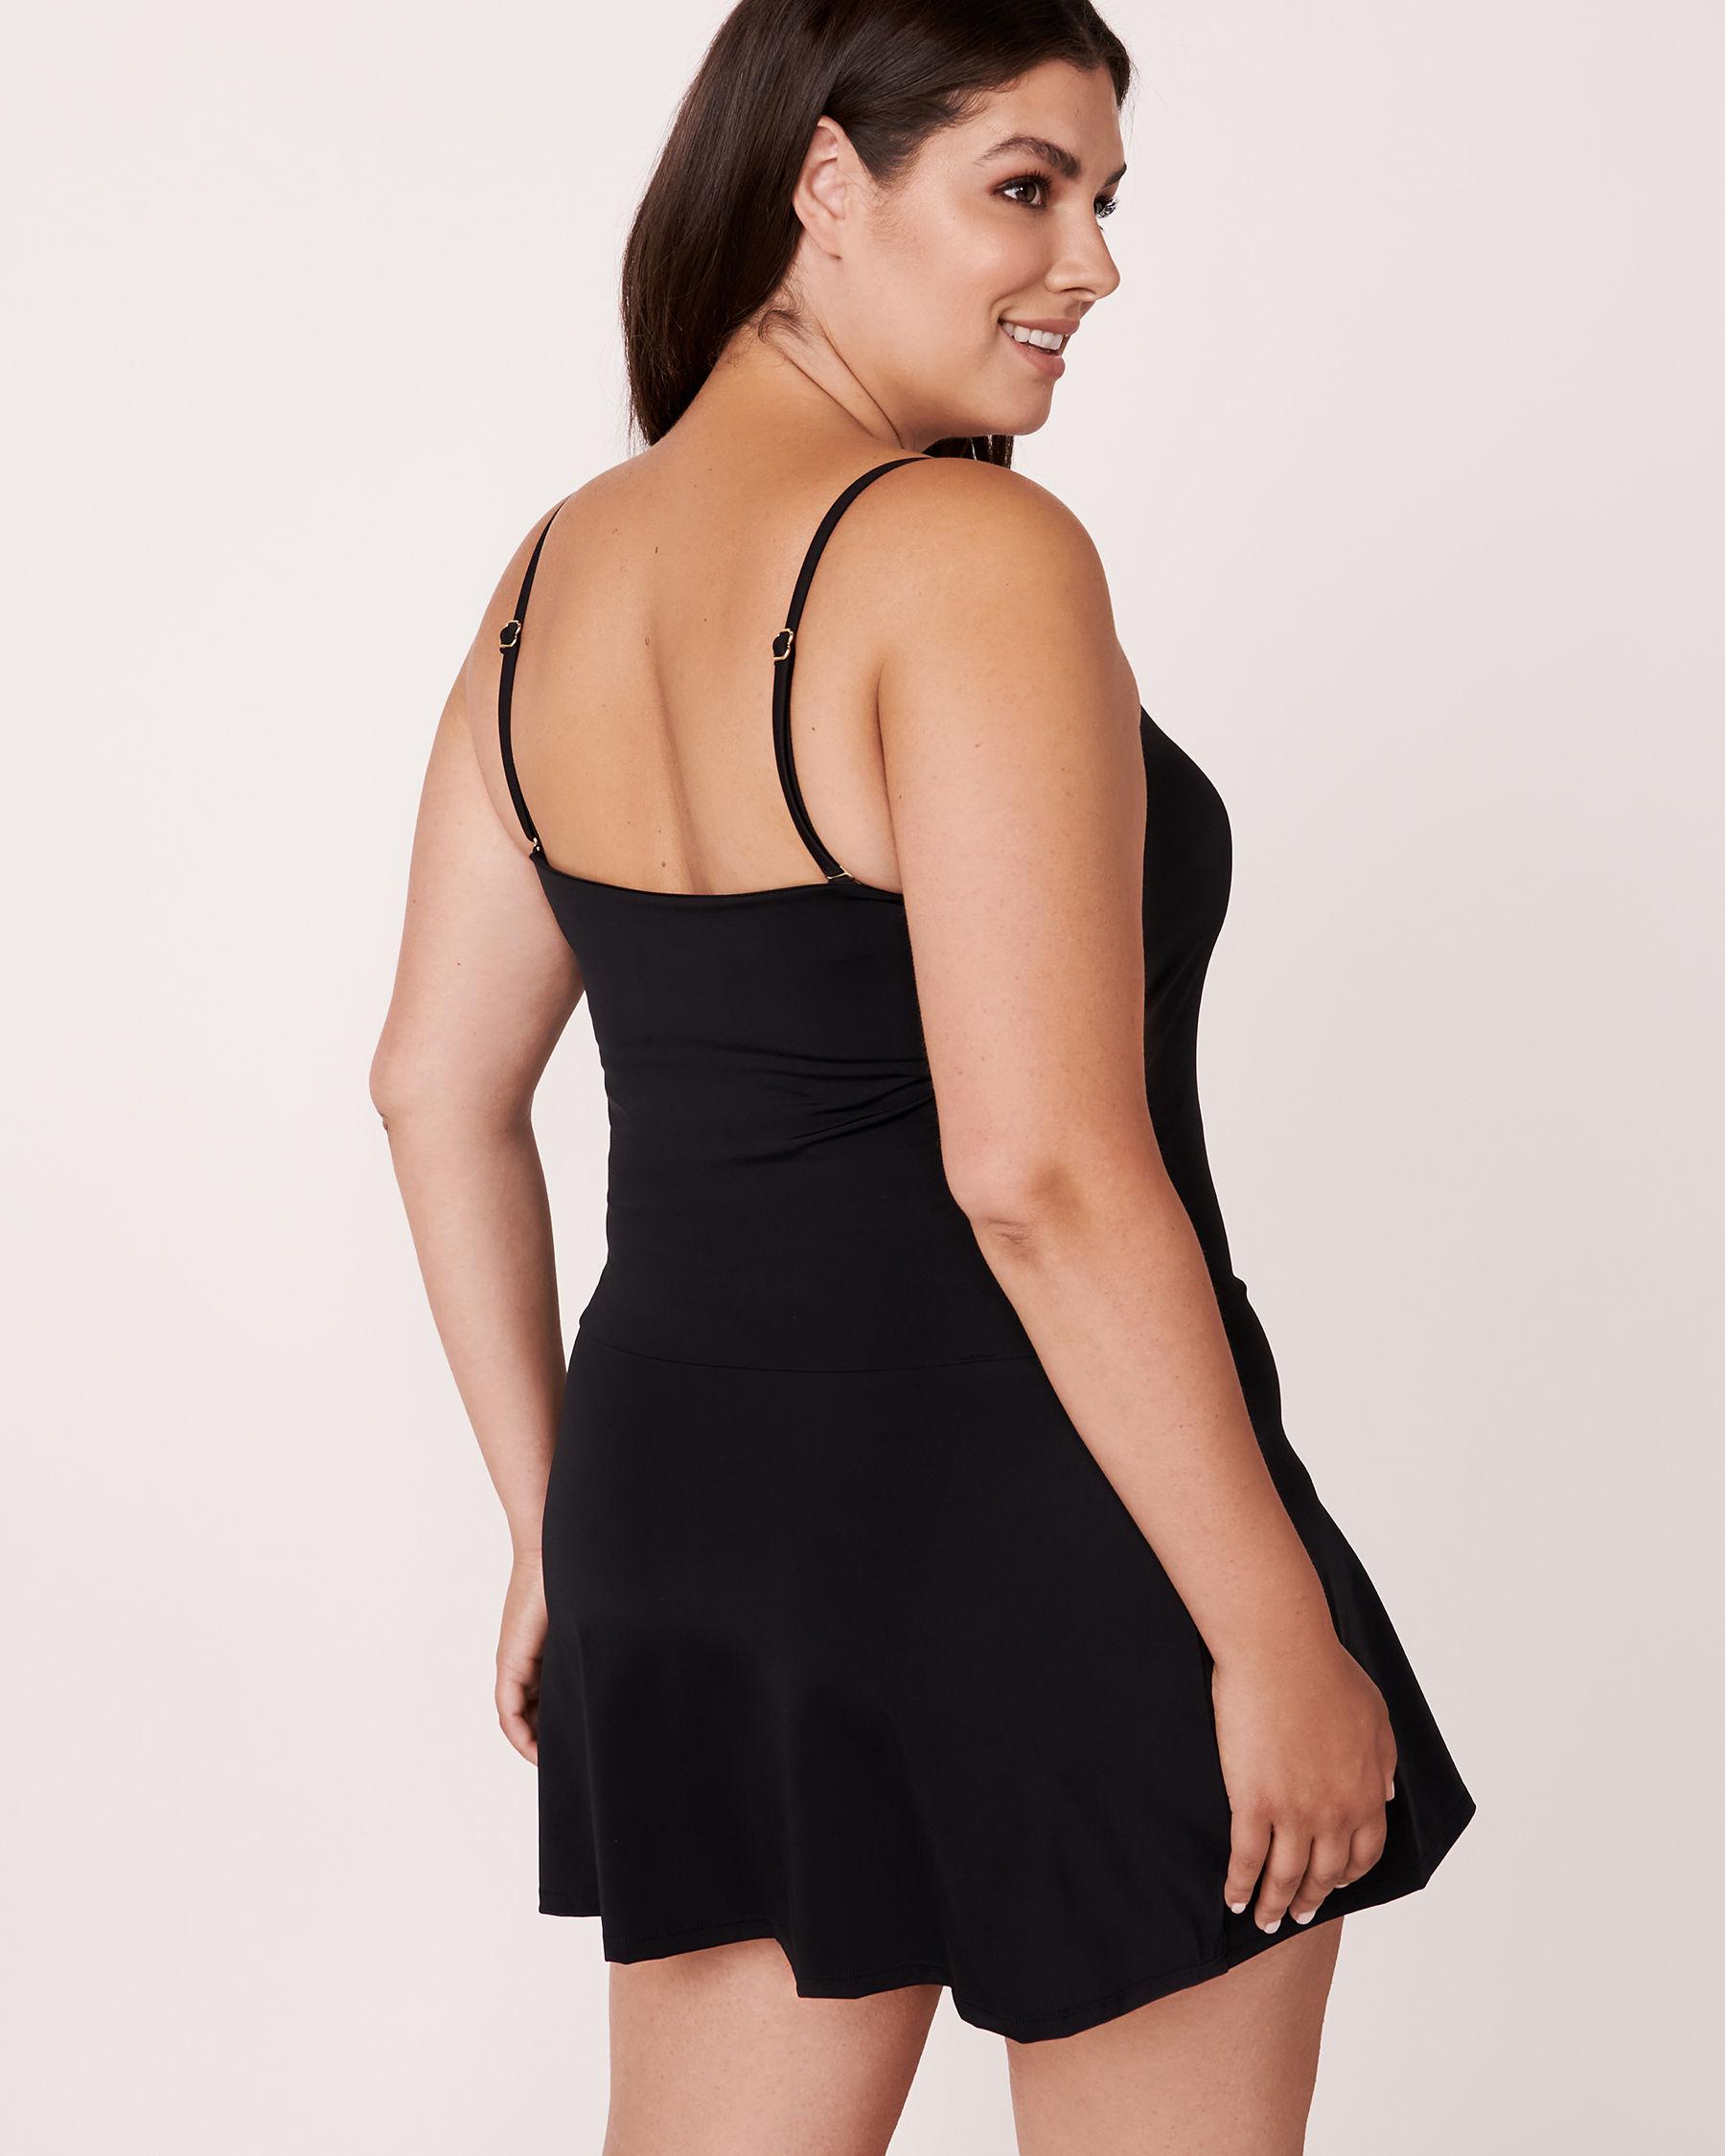 AQUAROSE Maillot une-pièce façon robe Noir 552-632-1-0P - Voir4